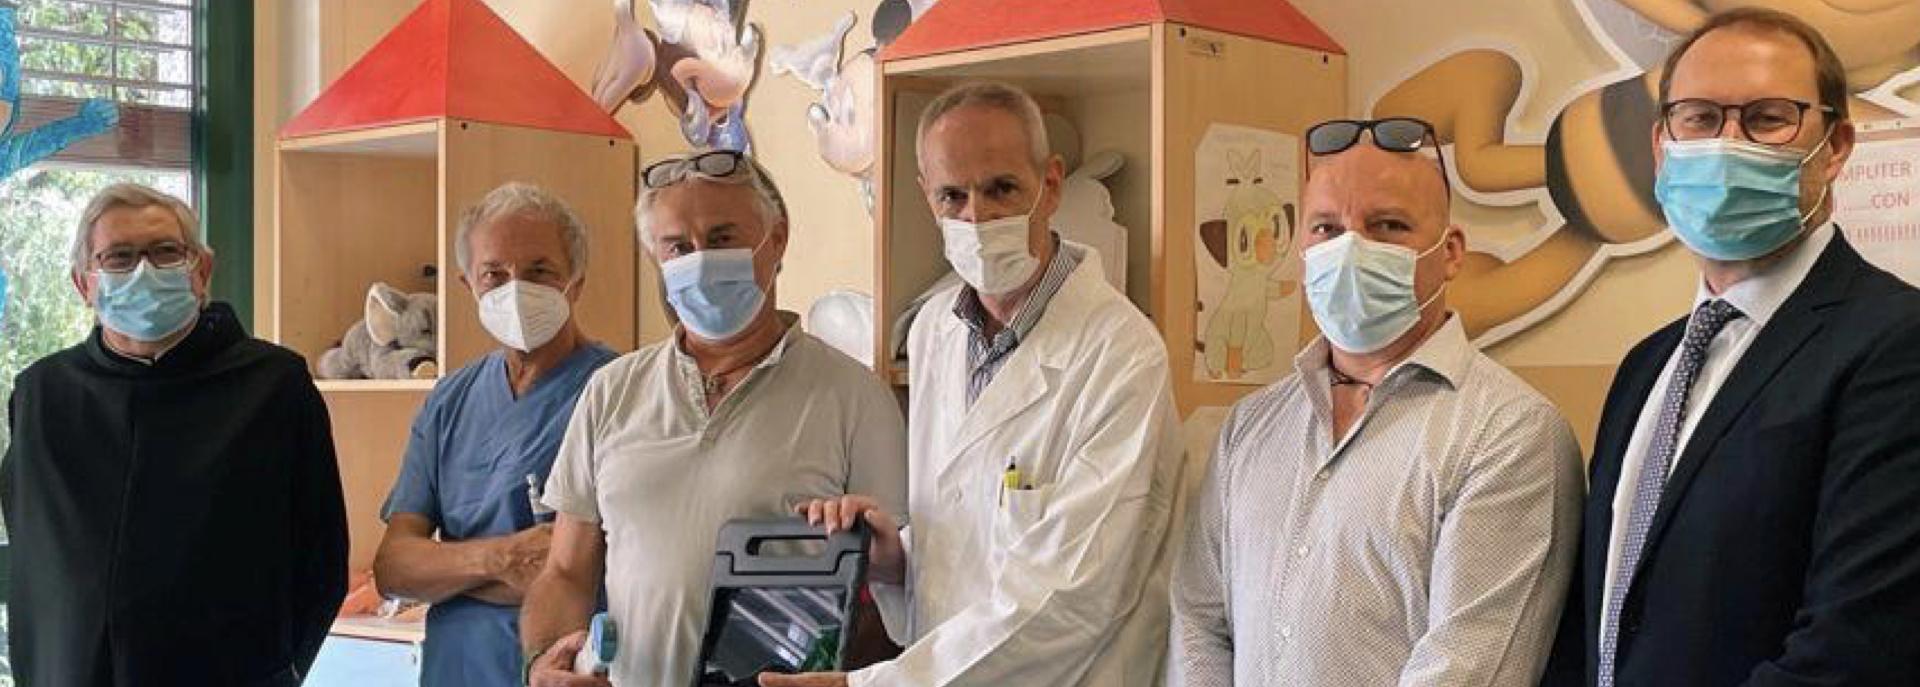 Ospedale Sacra Famiglia e doni solidali: un nuovo ecografo per la Pediatria